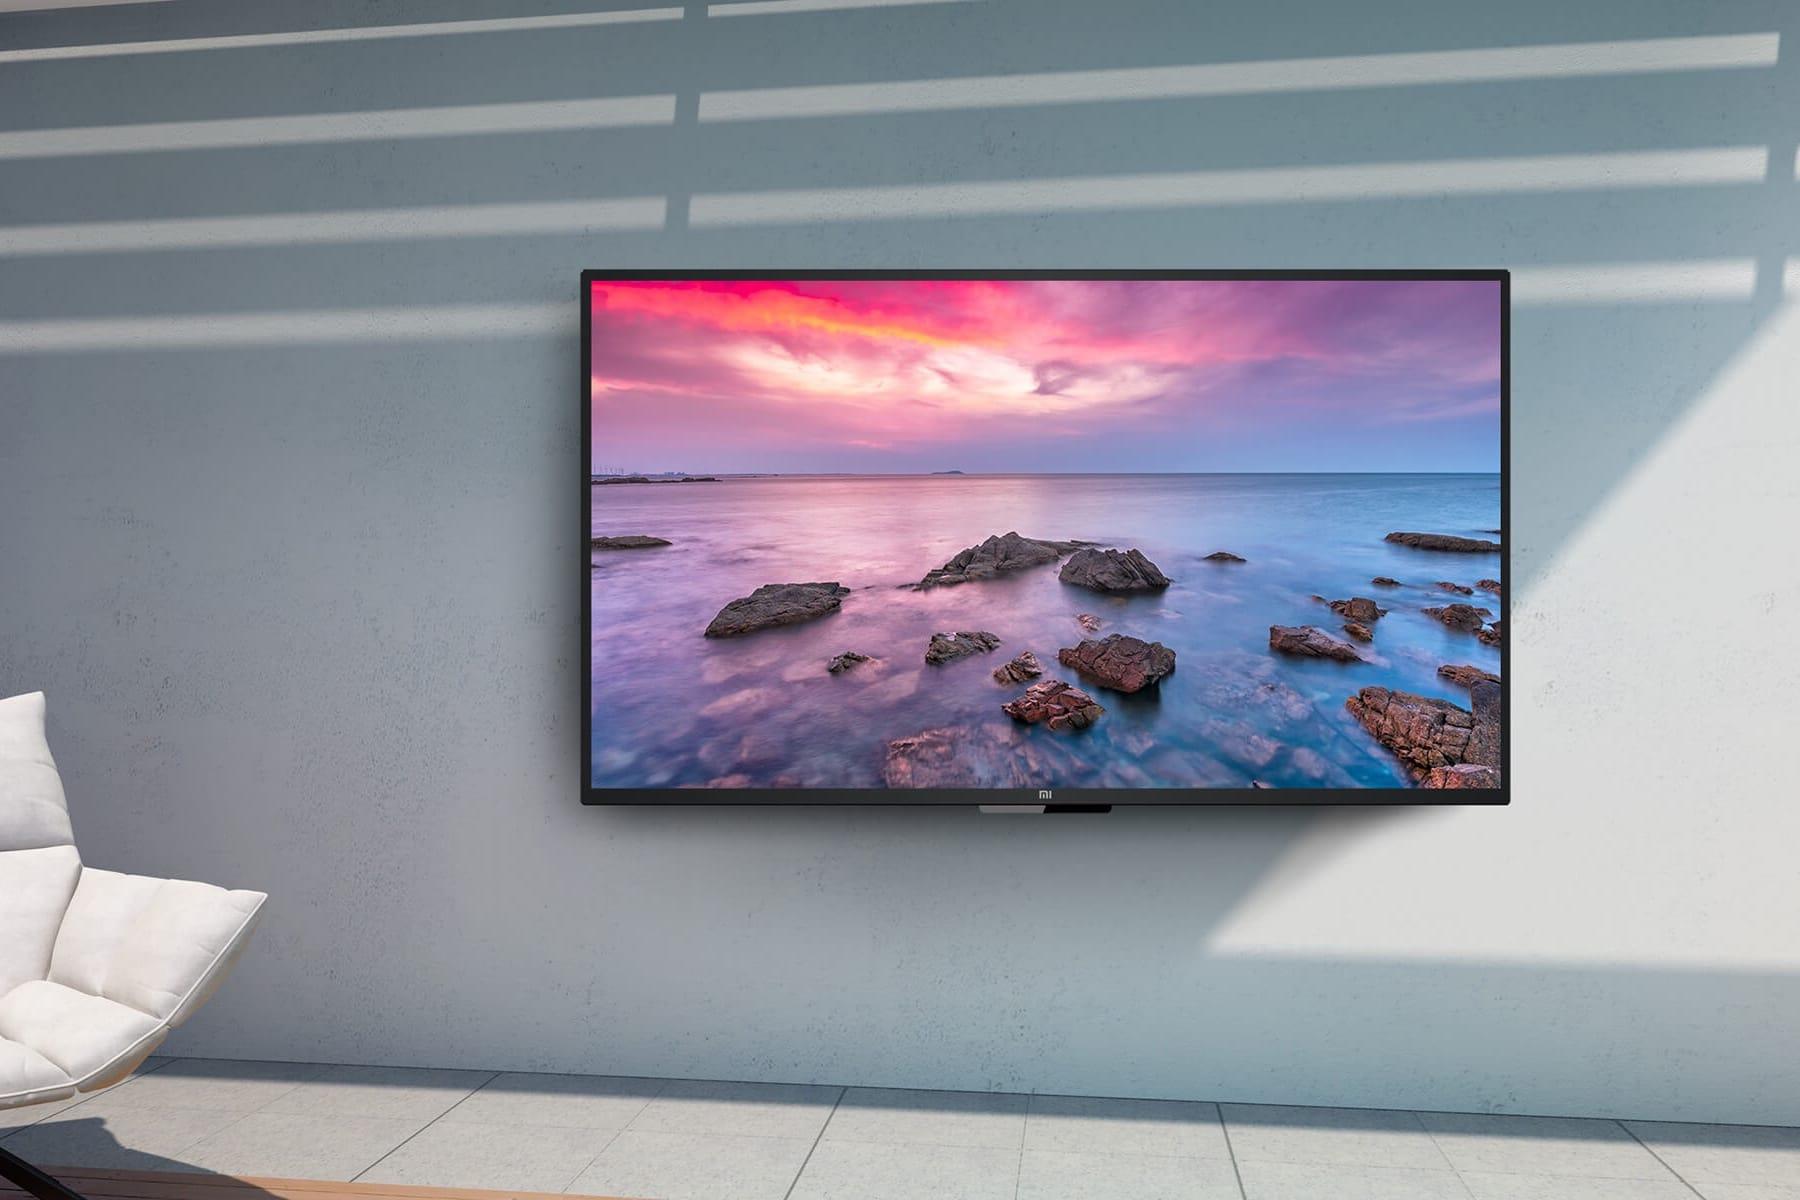 Крутой телевизор Xiaomi Mi TV 4A временно распродают за копейки